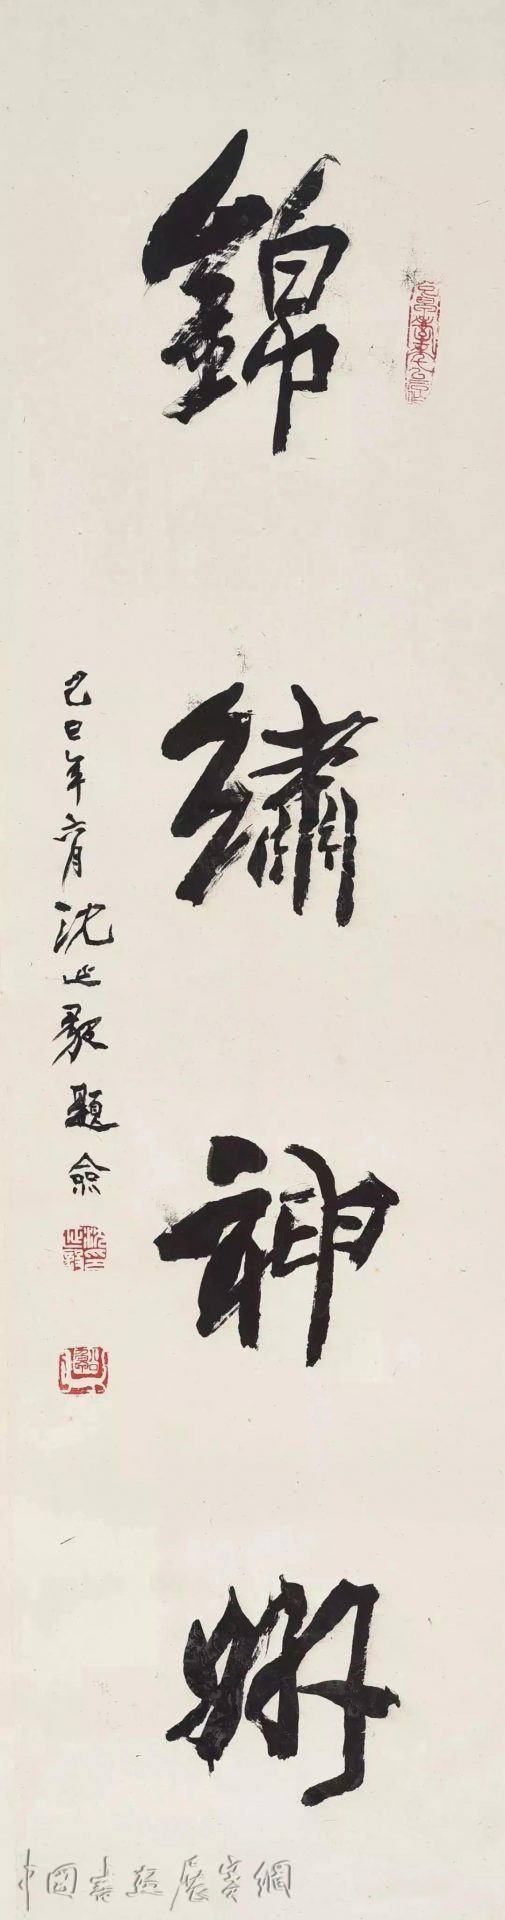 【20世纪中国书法家档案】沈延毅